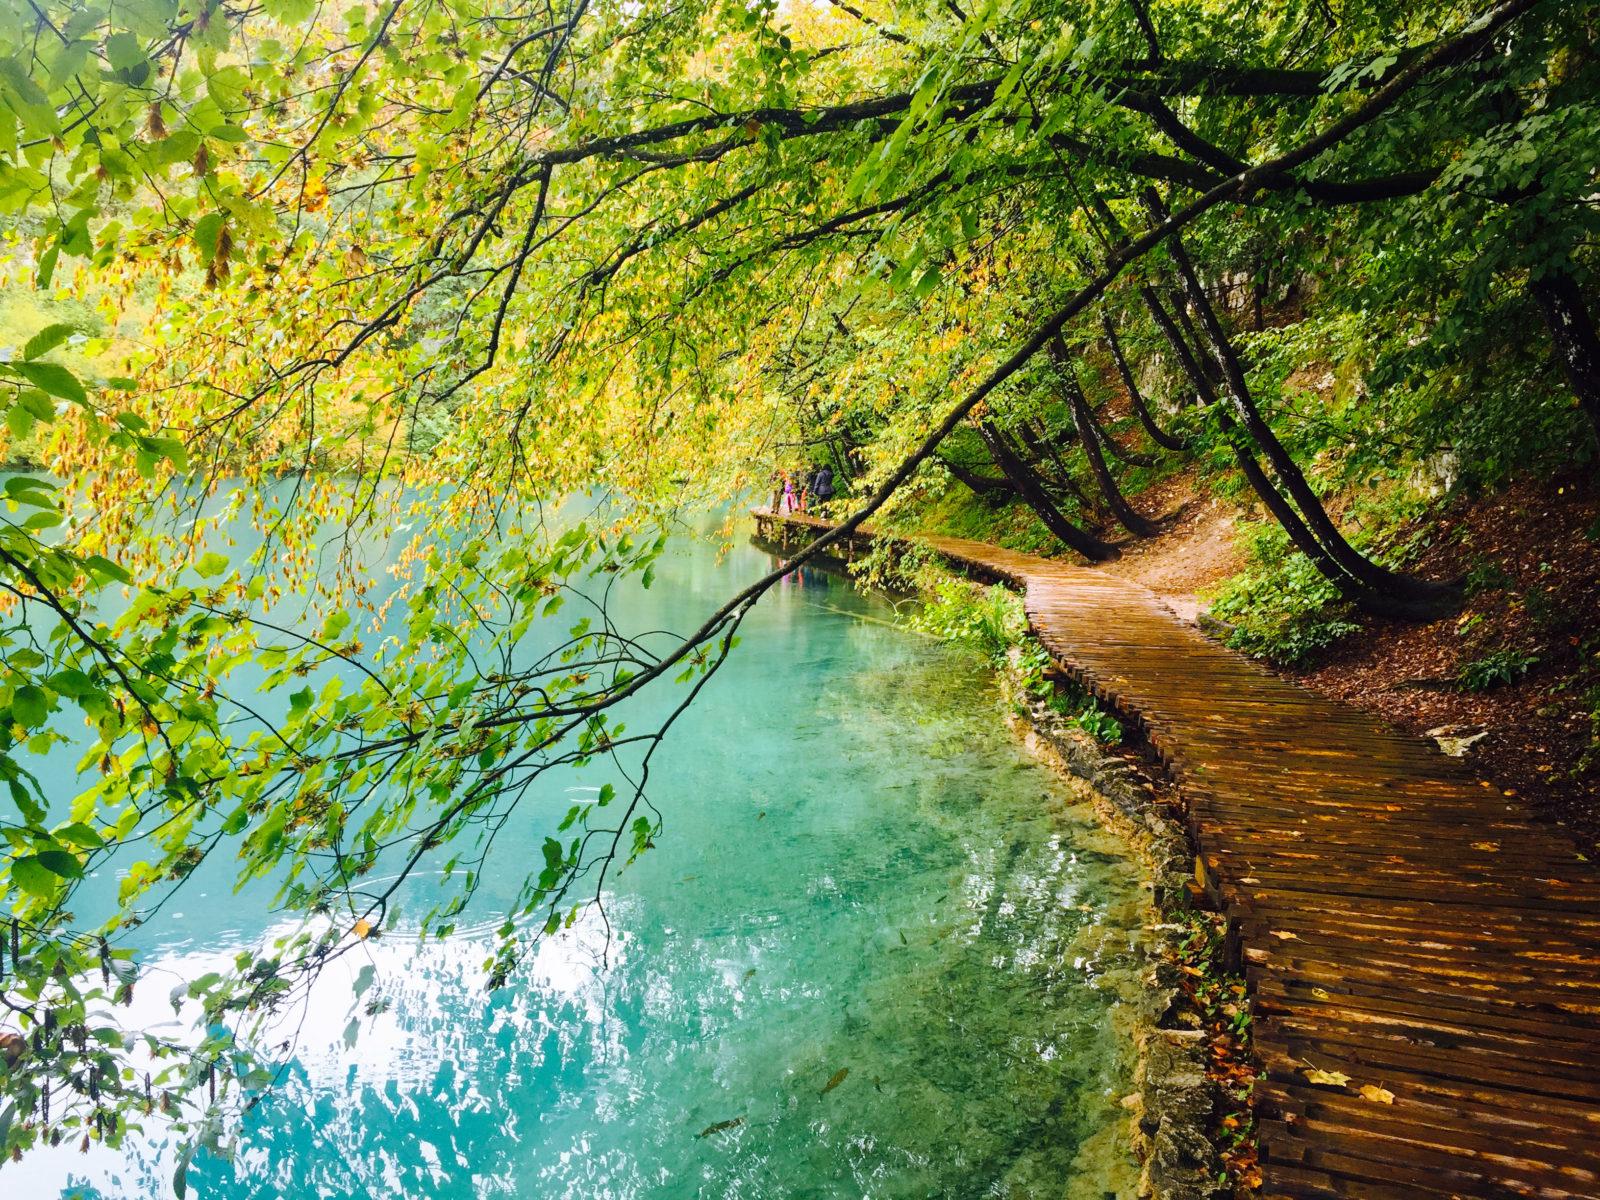 The shaded walking path along the lake